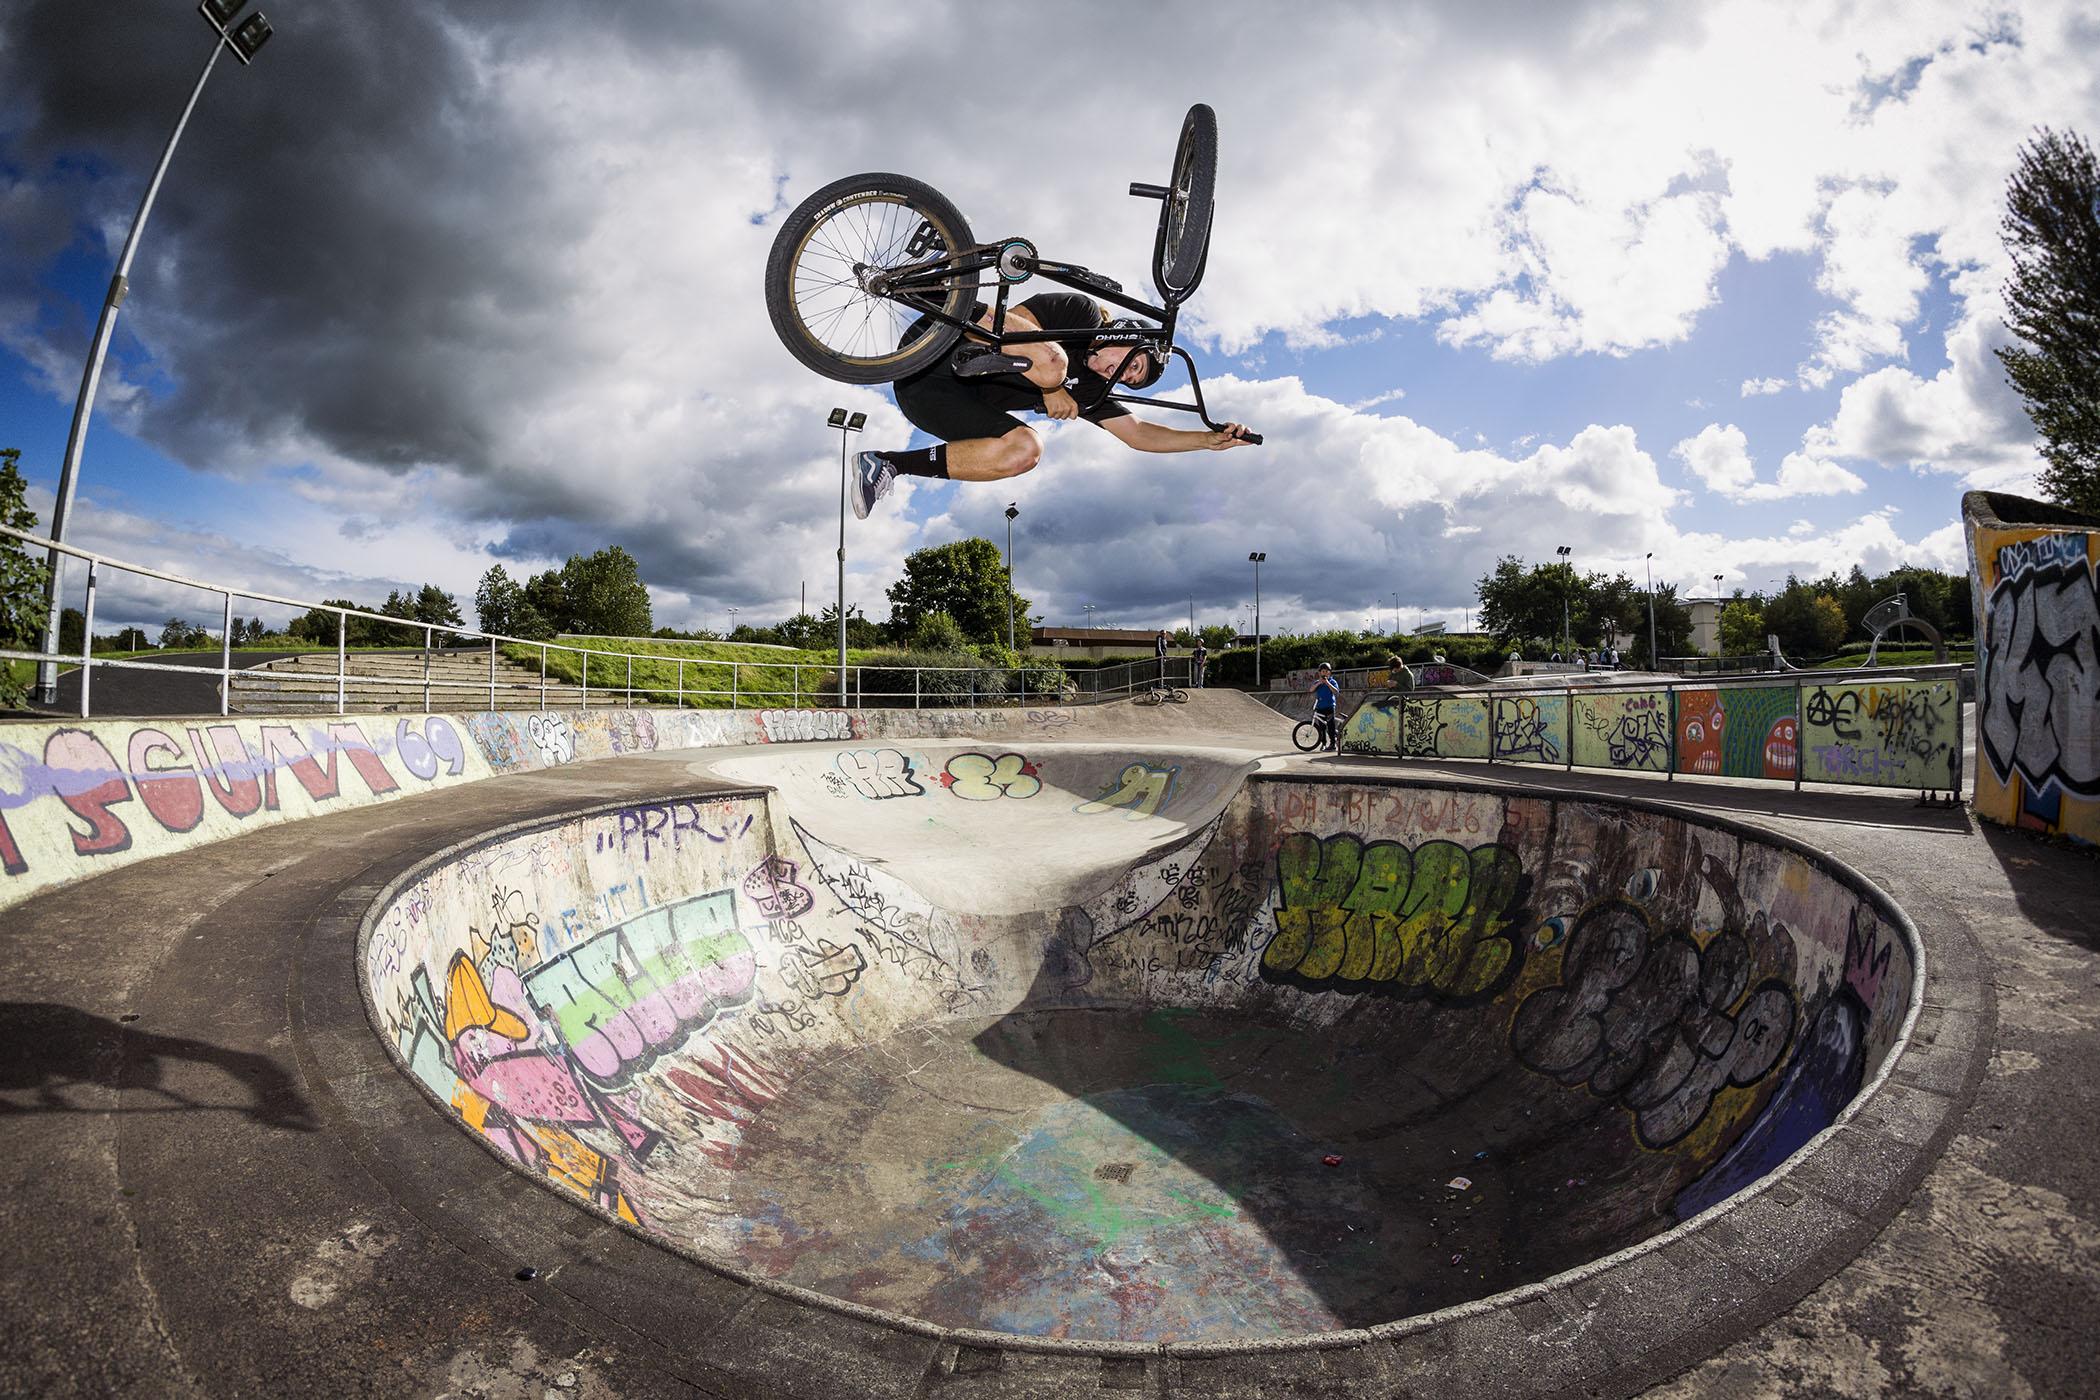 889a47a8bdc HARO BMX: The McNibs Tour | Ride UK BMX